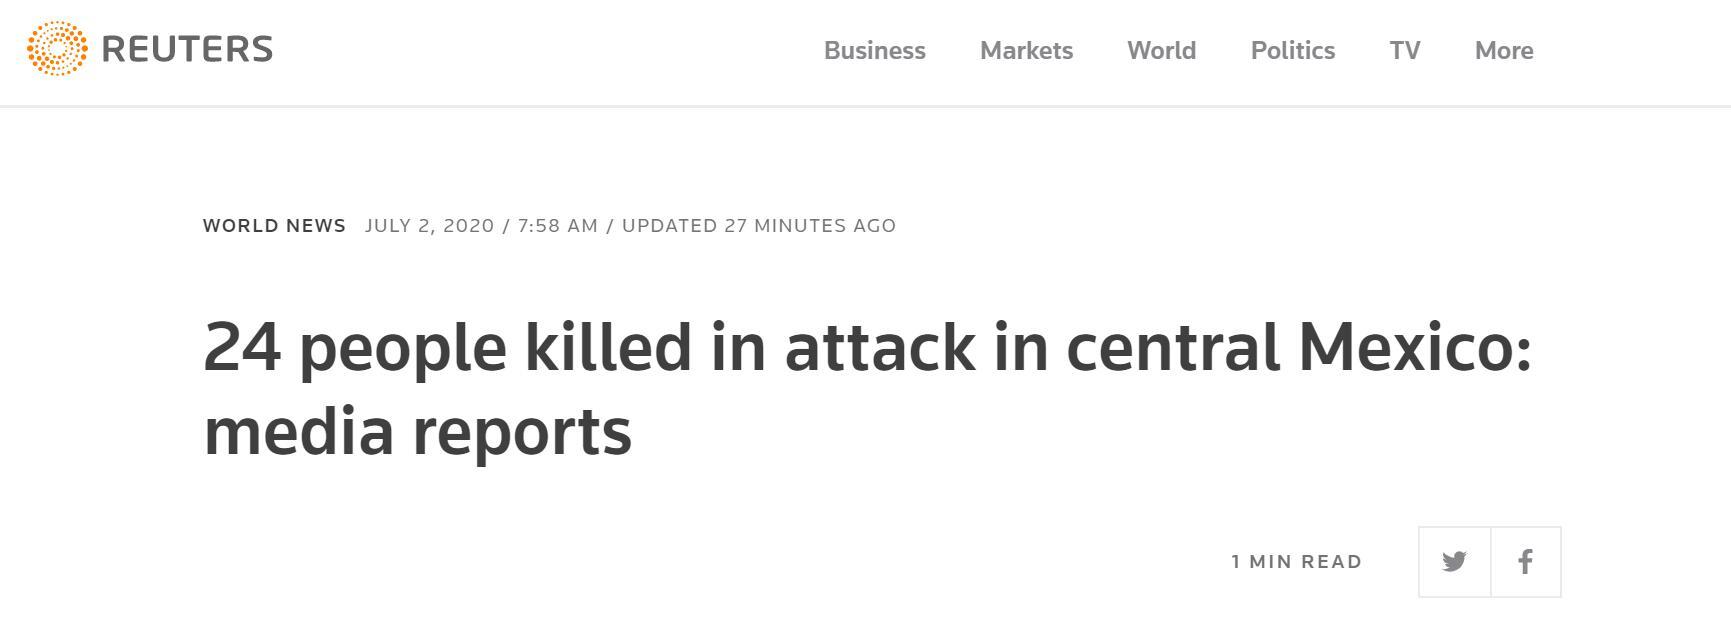 墨西哥中部发生袭击事件,致24死7伤